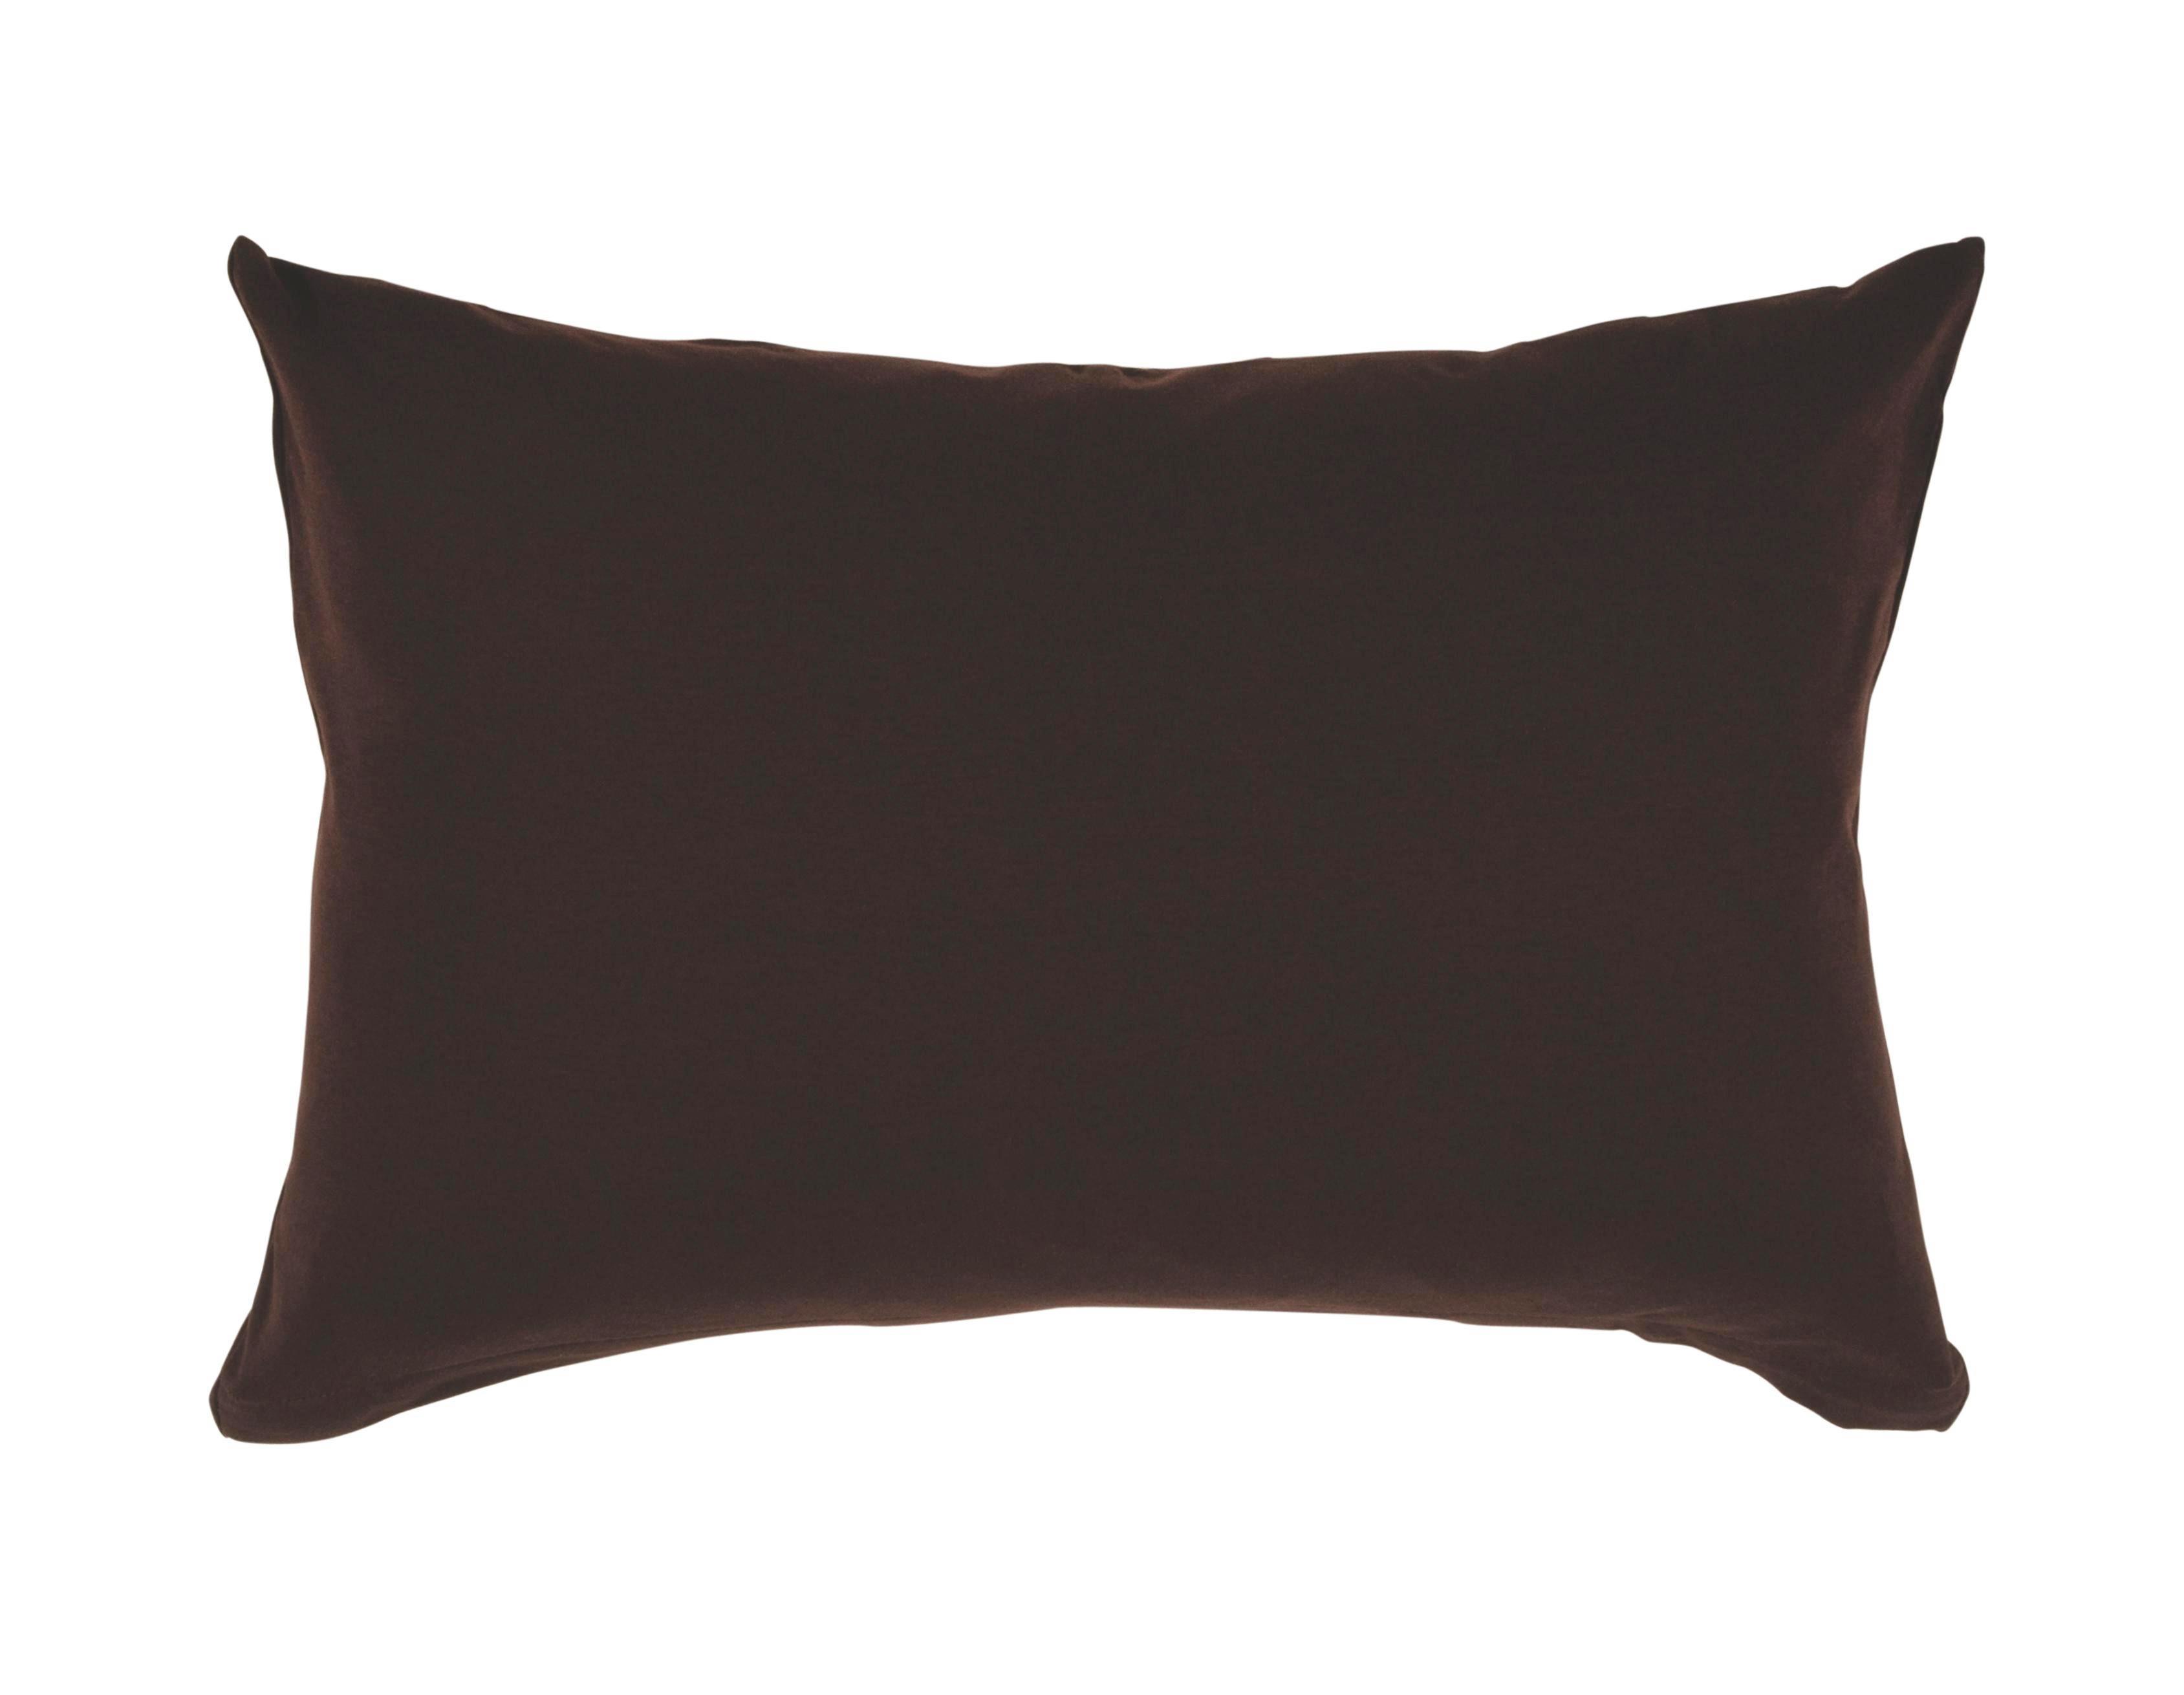 KISSENHÜLLE Dunkelbraun 40/80 cm - Dunkelbraun, Basics, Textil (40/80cm) - SCHLAFGUT